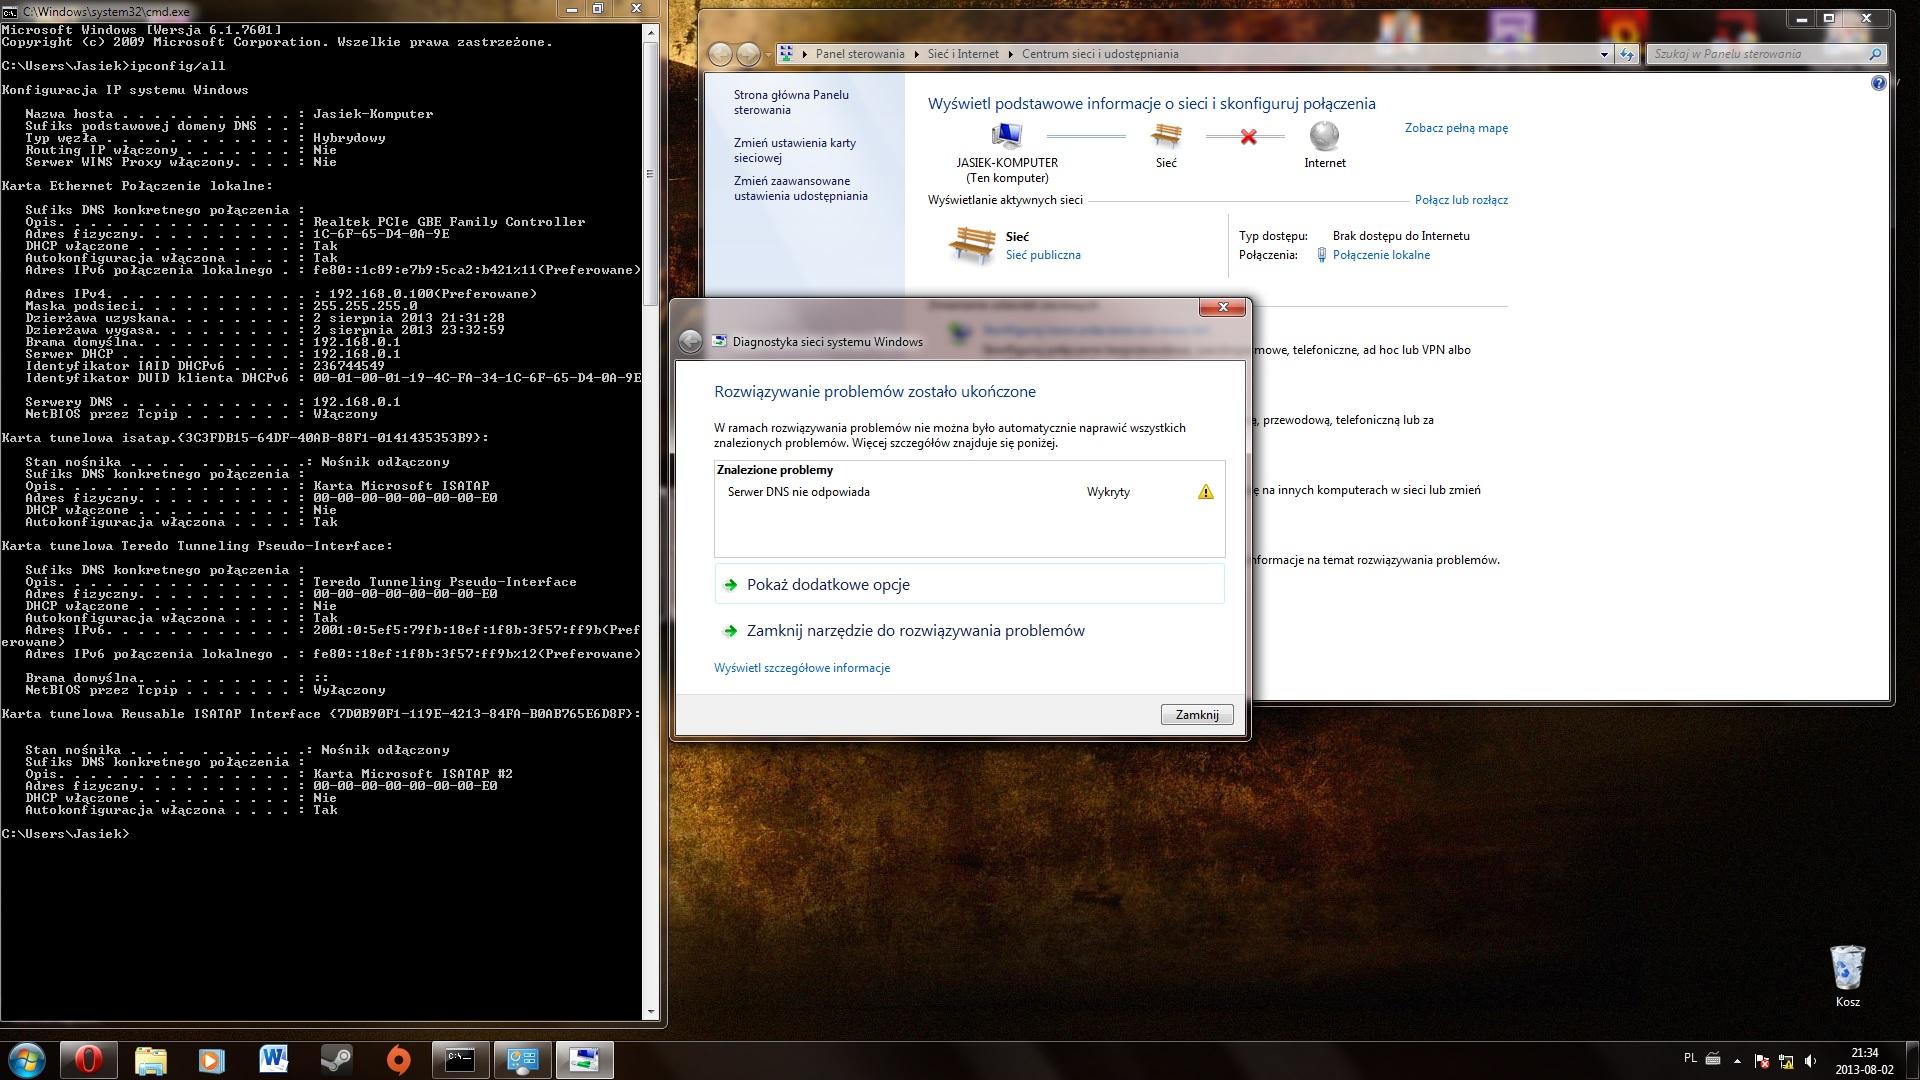 Serwer DNS nie odpowiada - TP-LINK WR941ND